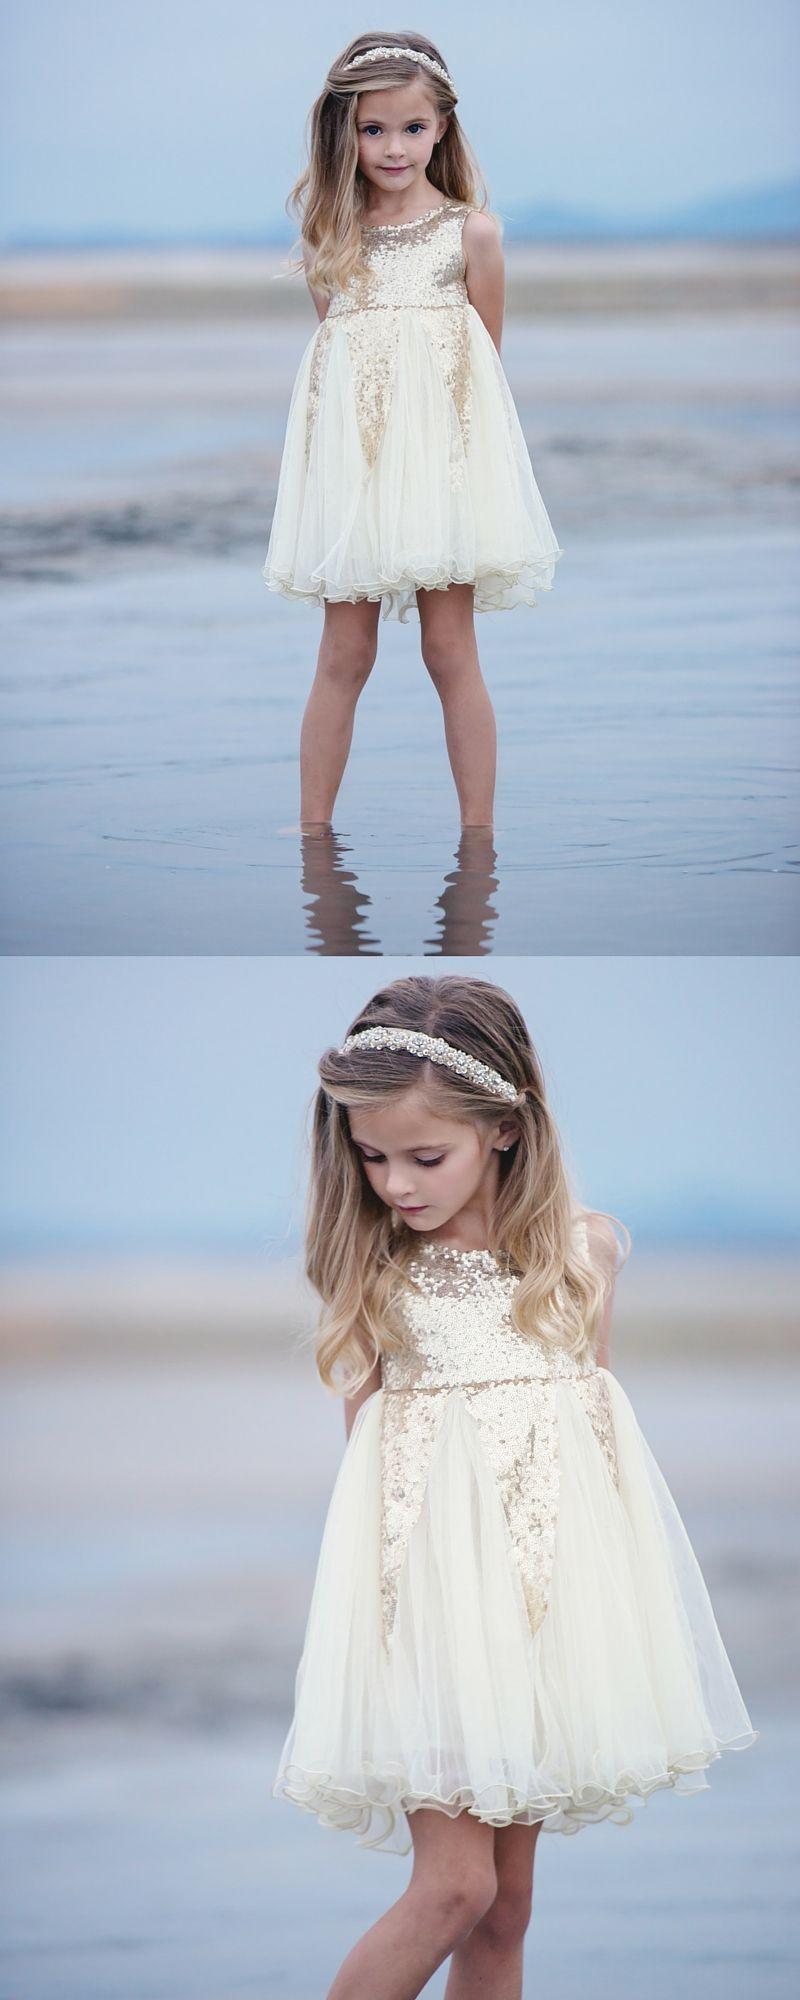 Adele dress ivory u gold kids fashion overlays and girl clothing